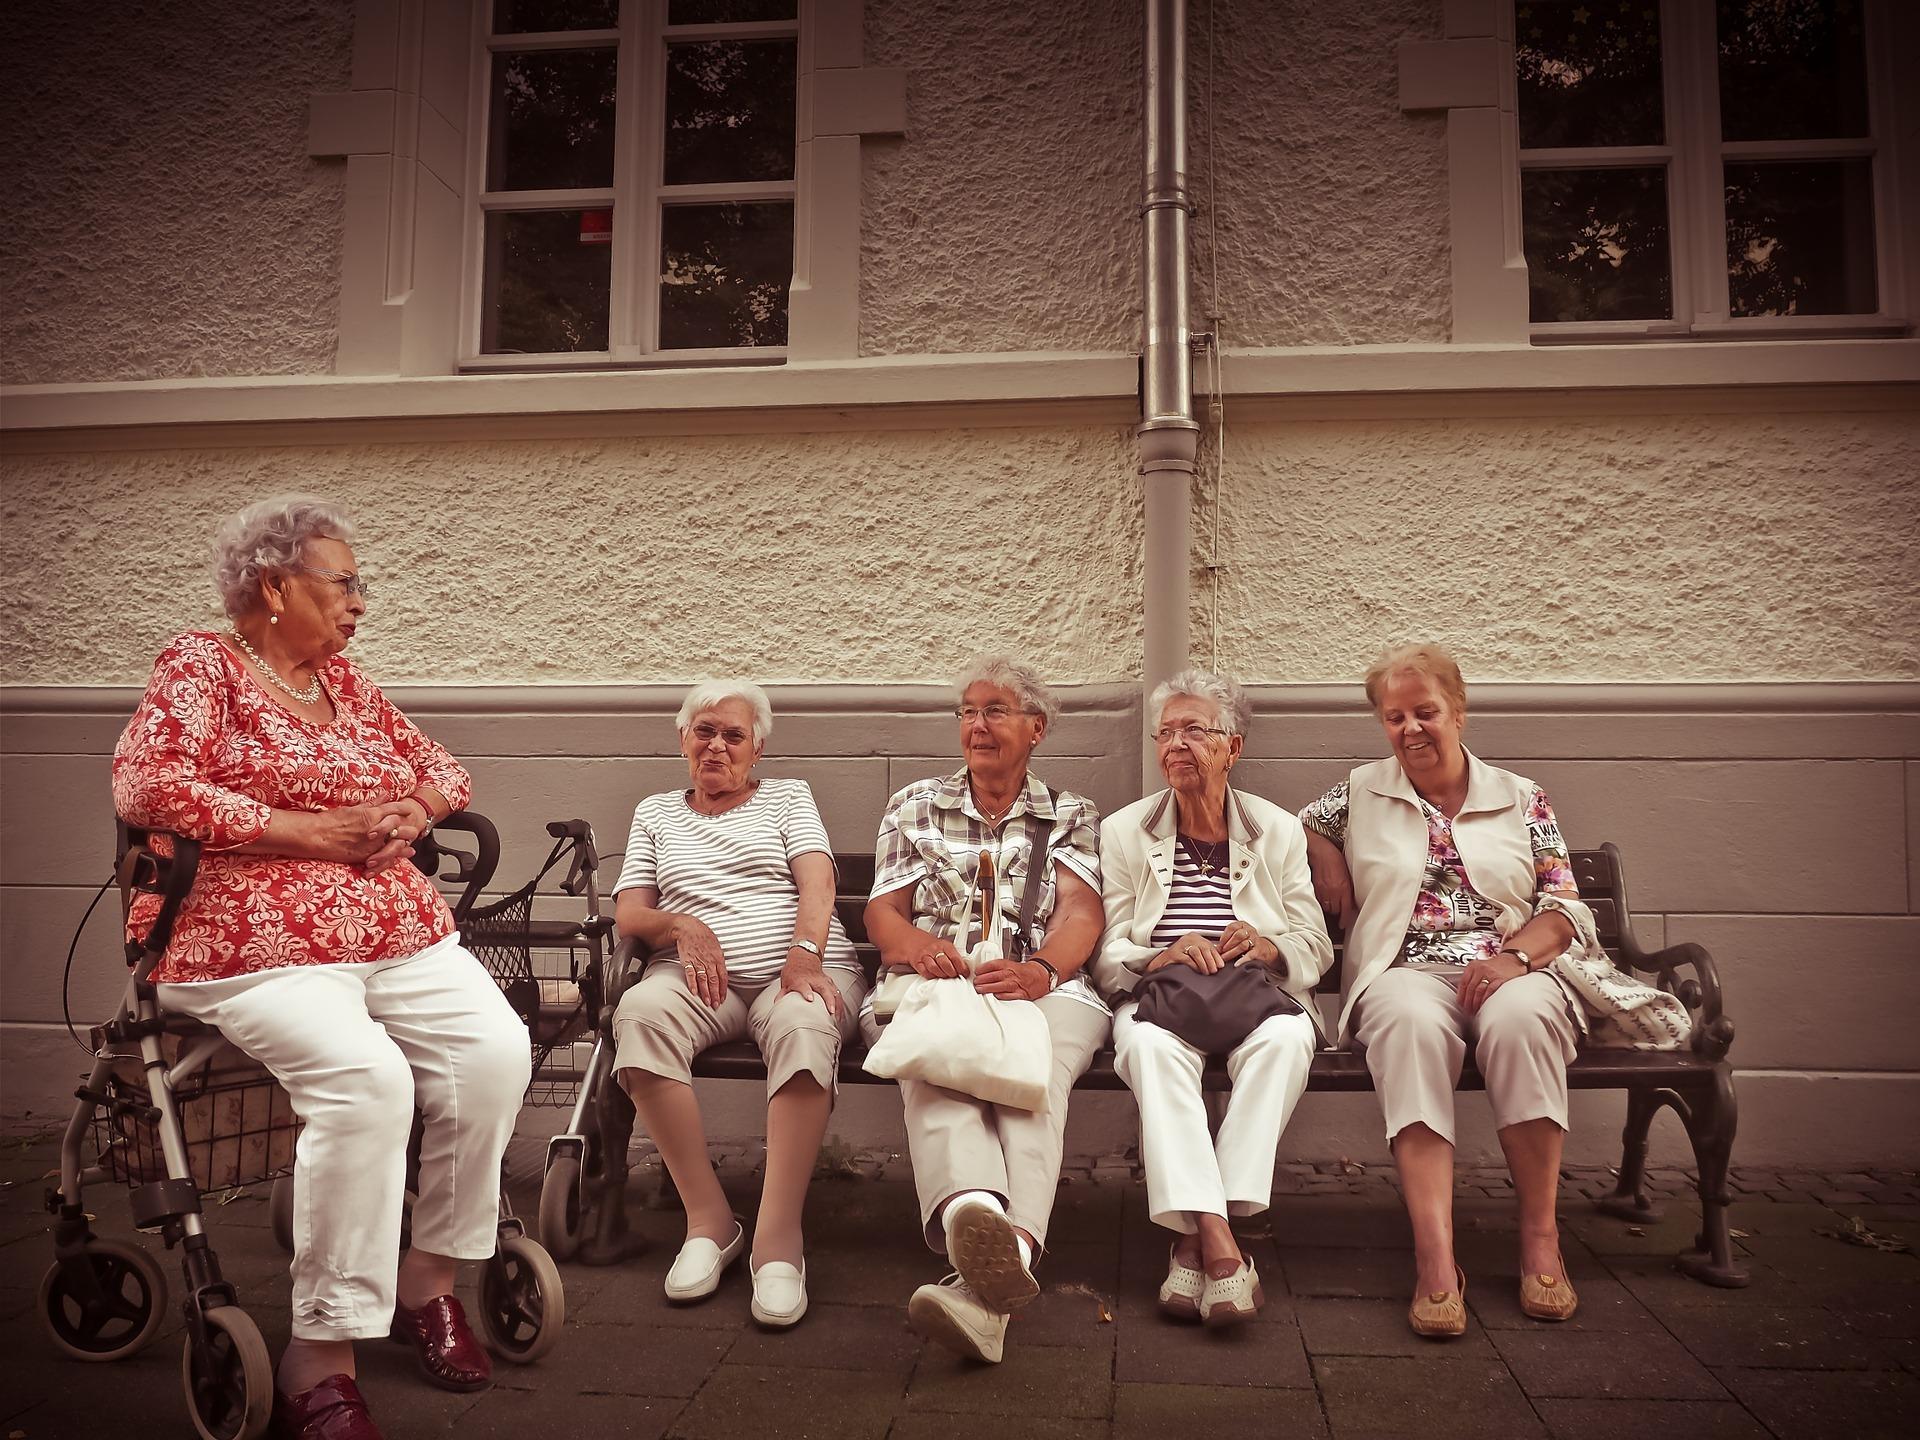 Seniorenresidenzen – Die luxuriöse Version des Altwerdens auf meinegschichten.de